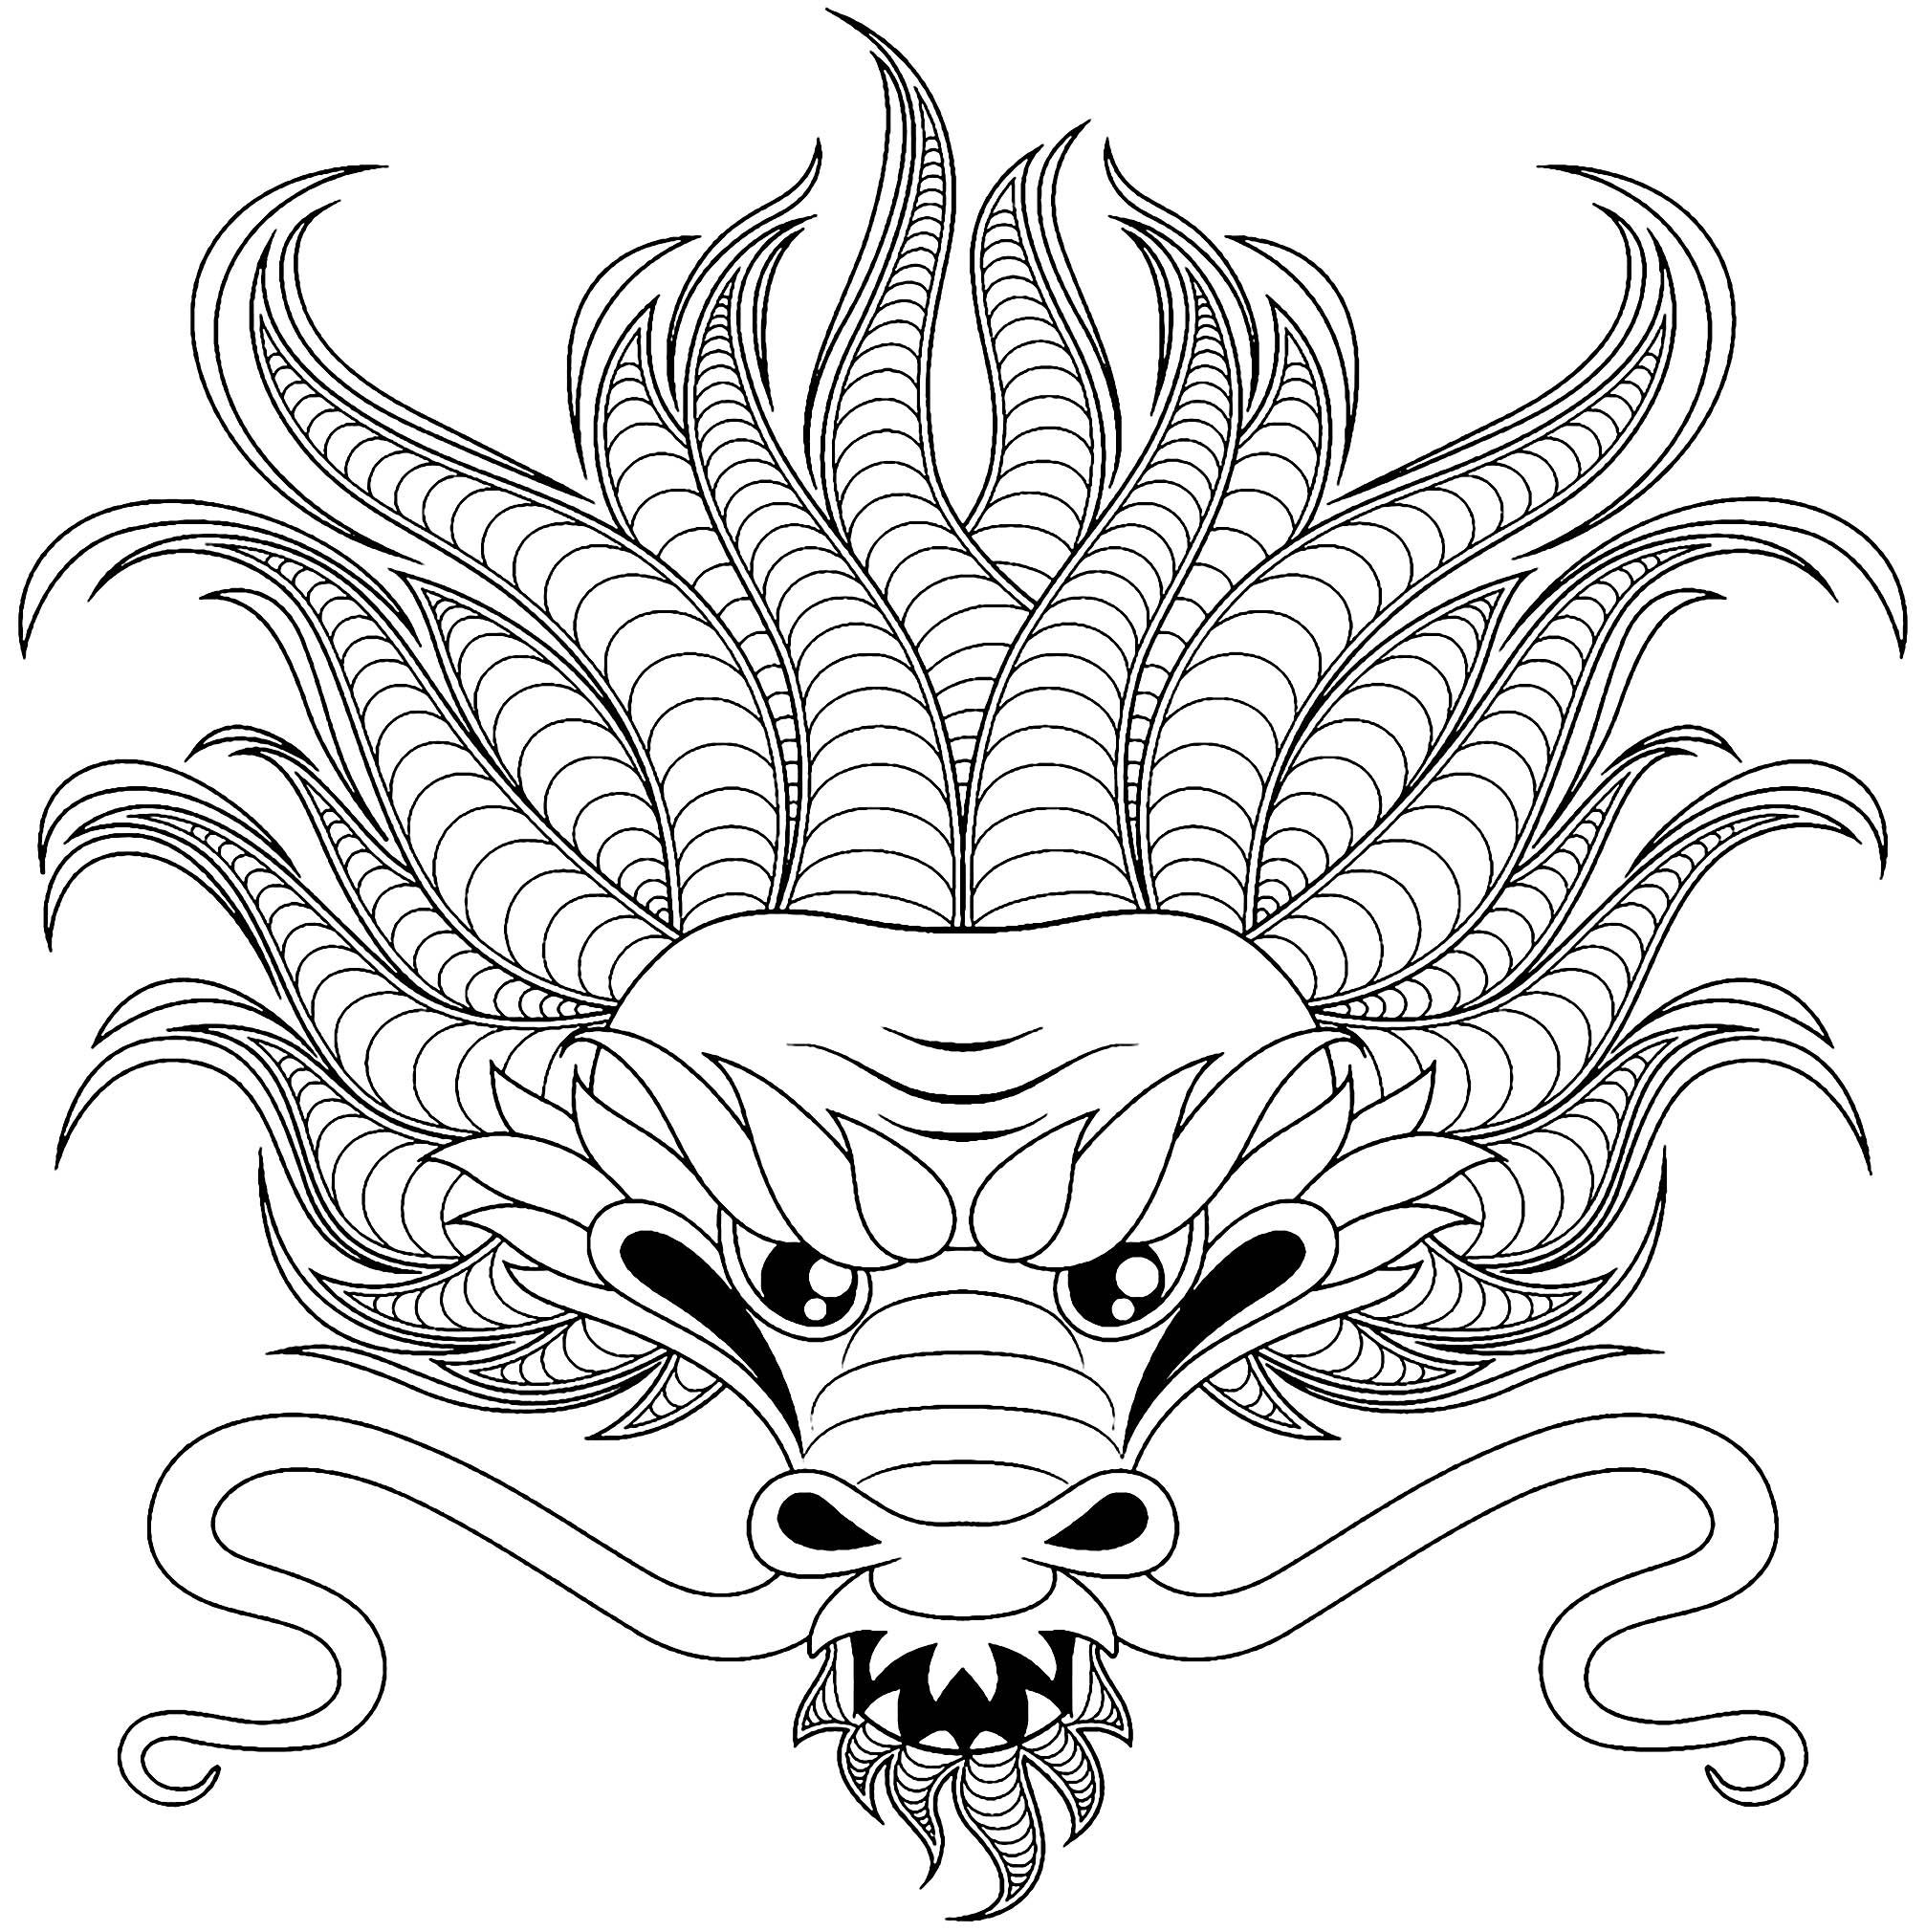 Dragones 81805 - Dragones - Just Color : Colorear para adultos